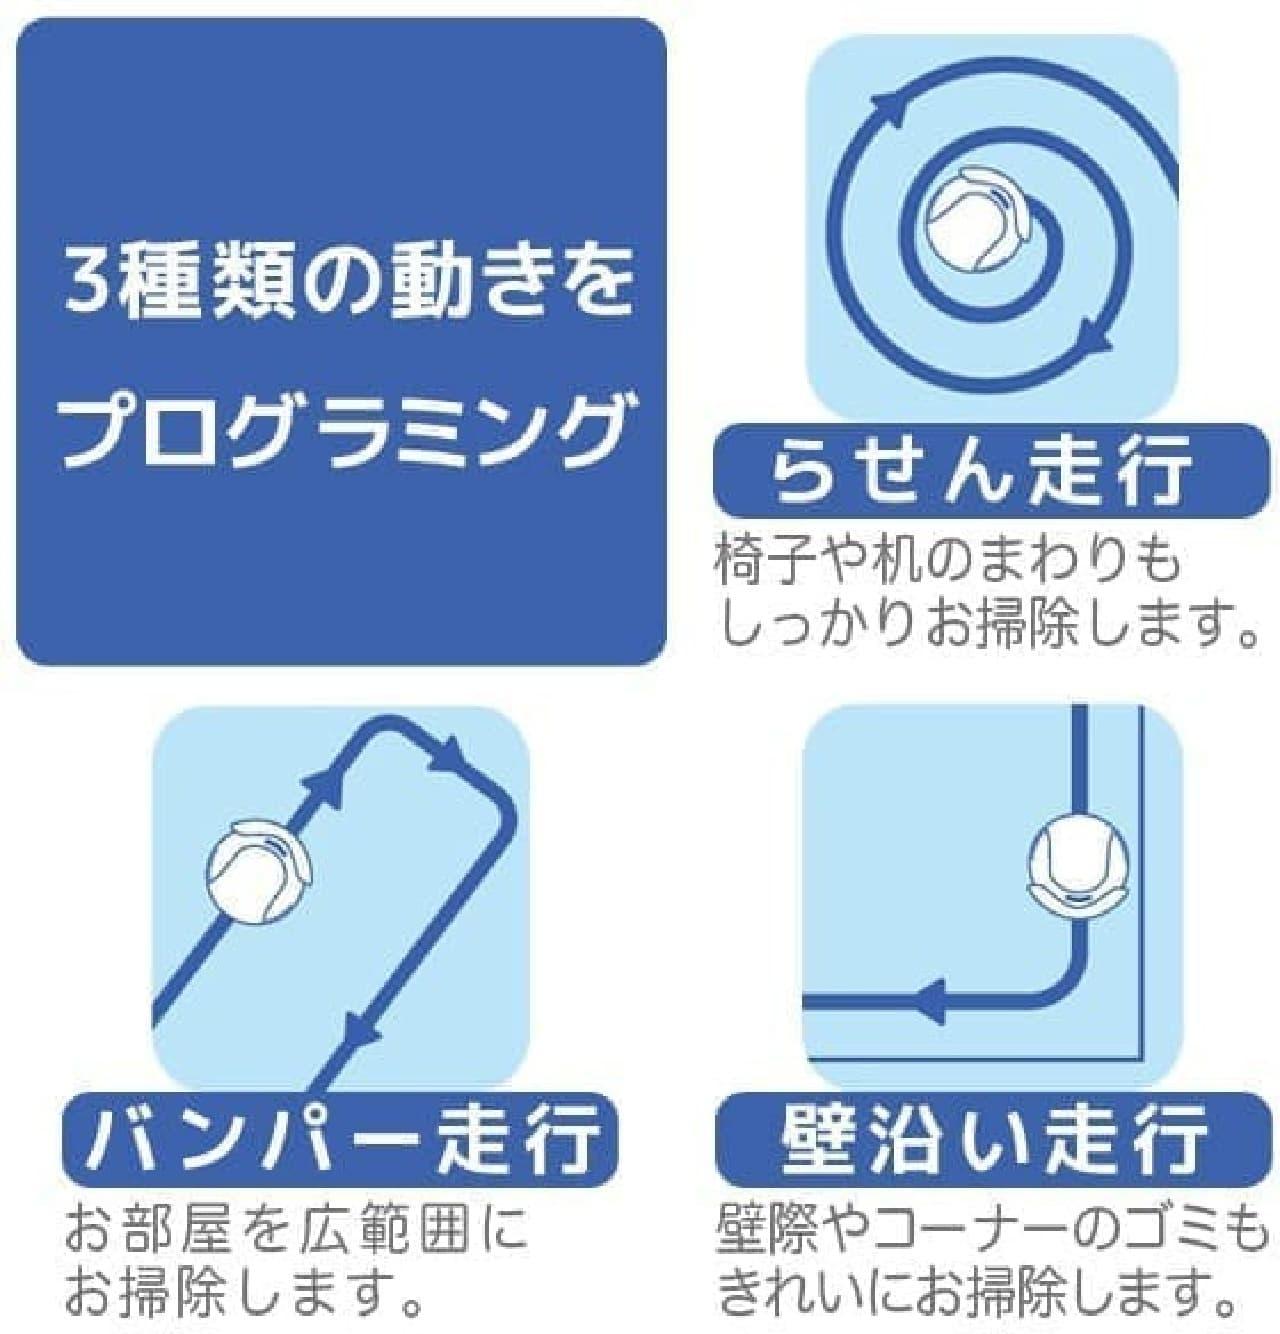 3種類の動きをプログラミング  部屋内をまんべんなく掃除してくれる